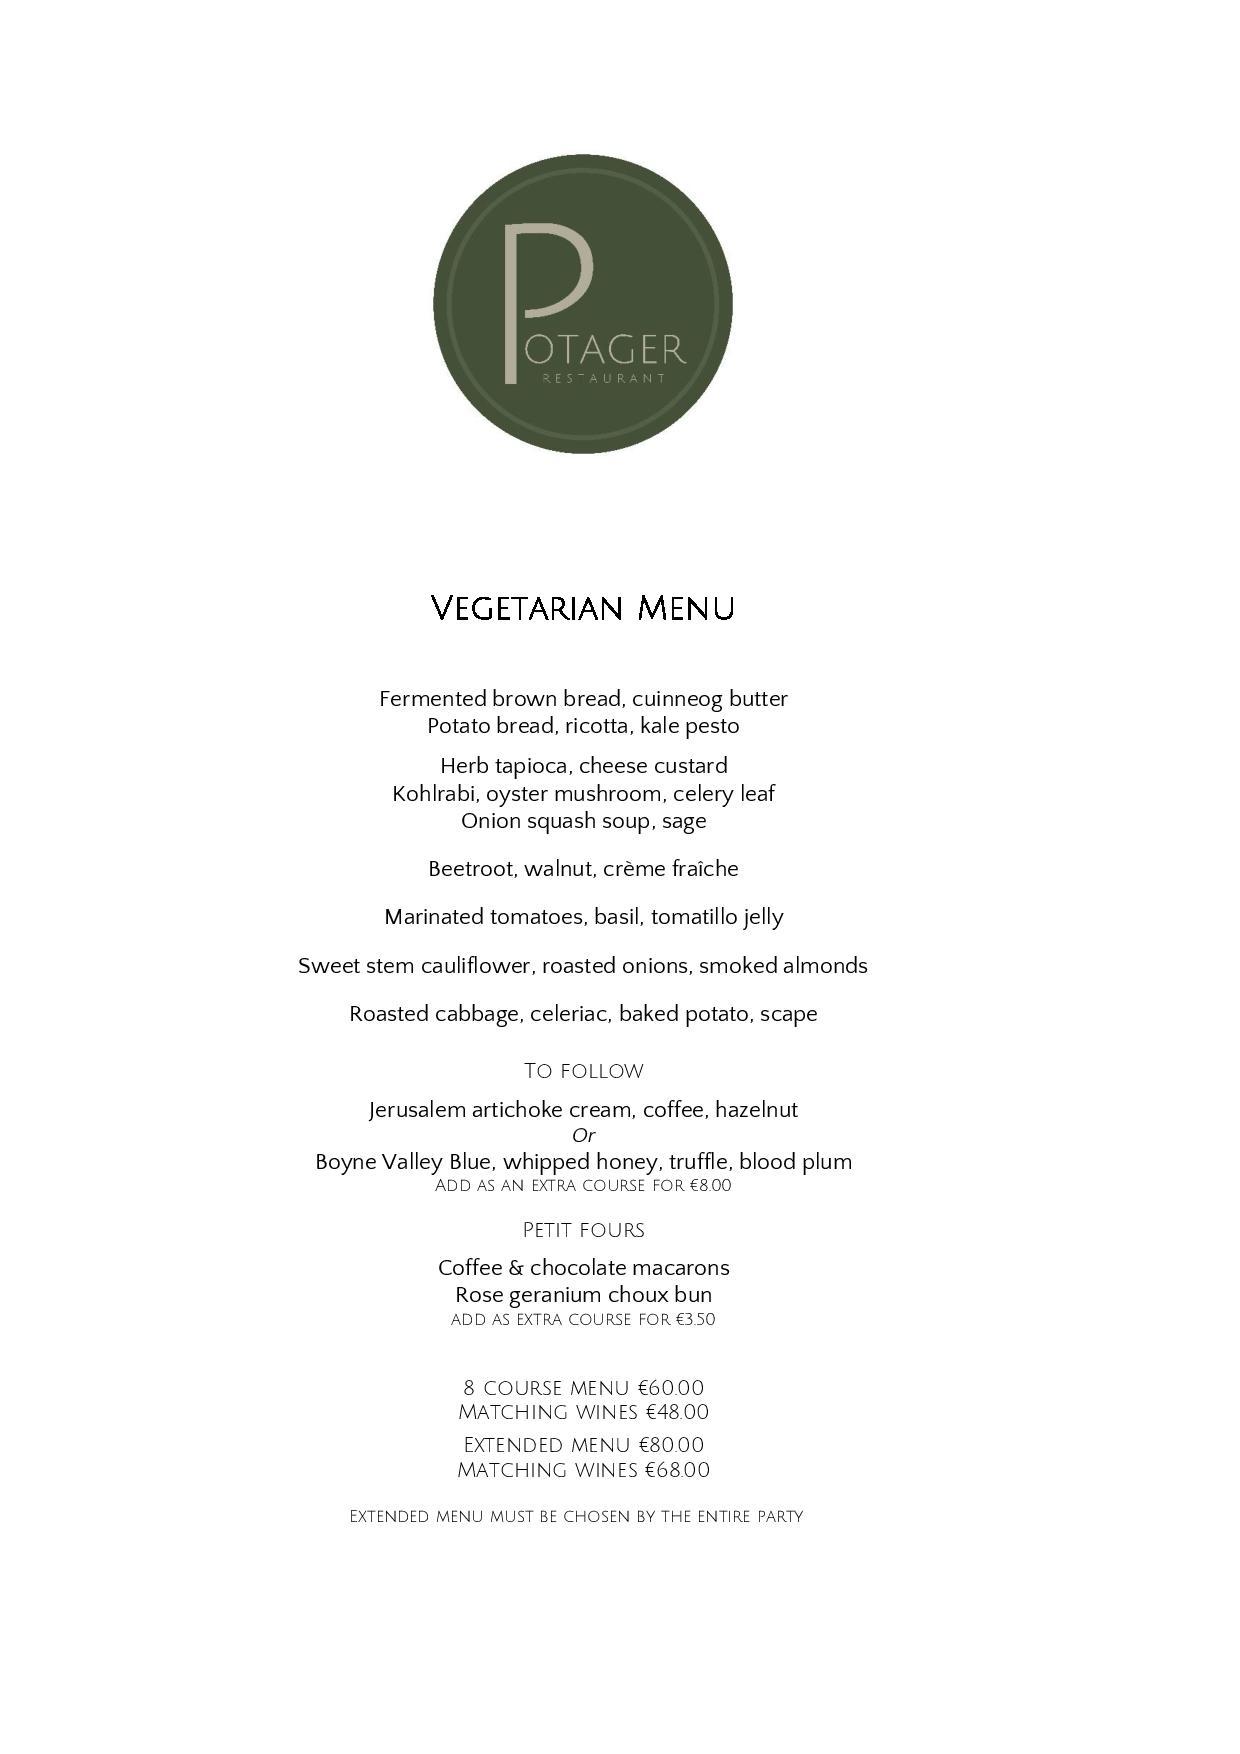 Potager Vegetarian Menu €60